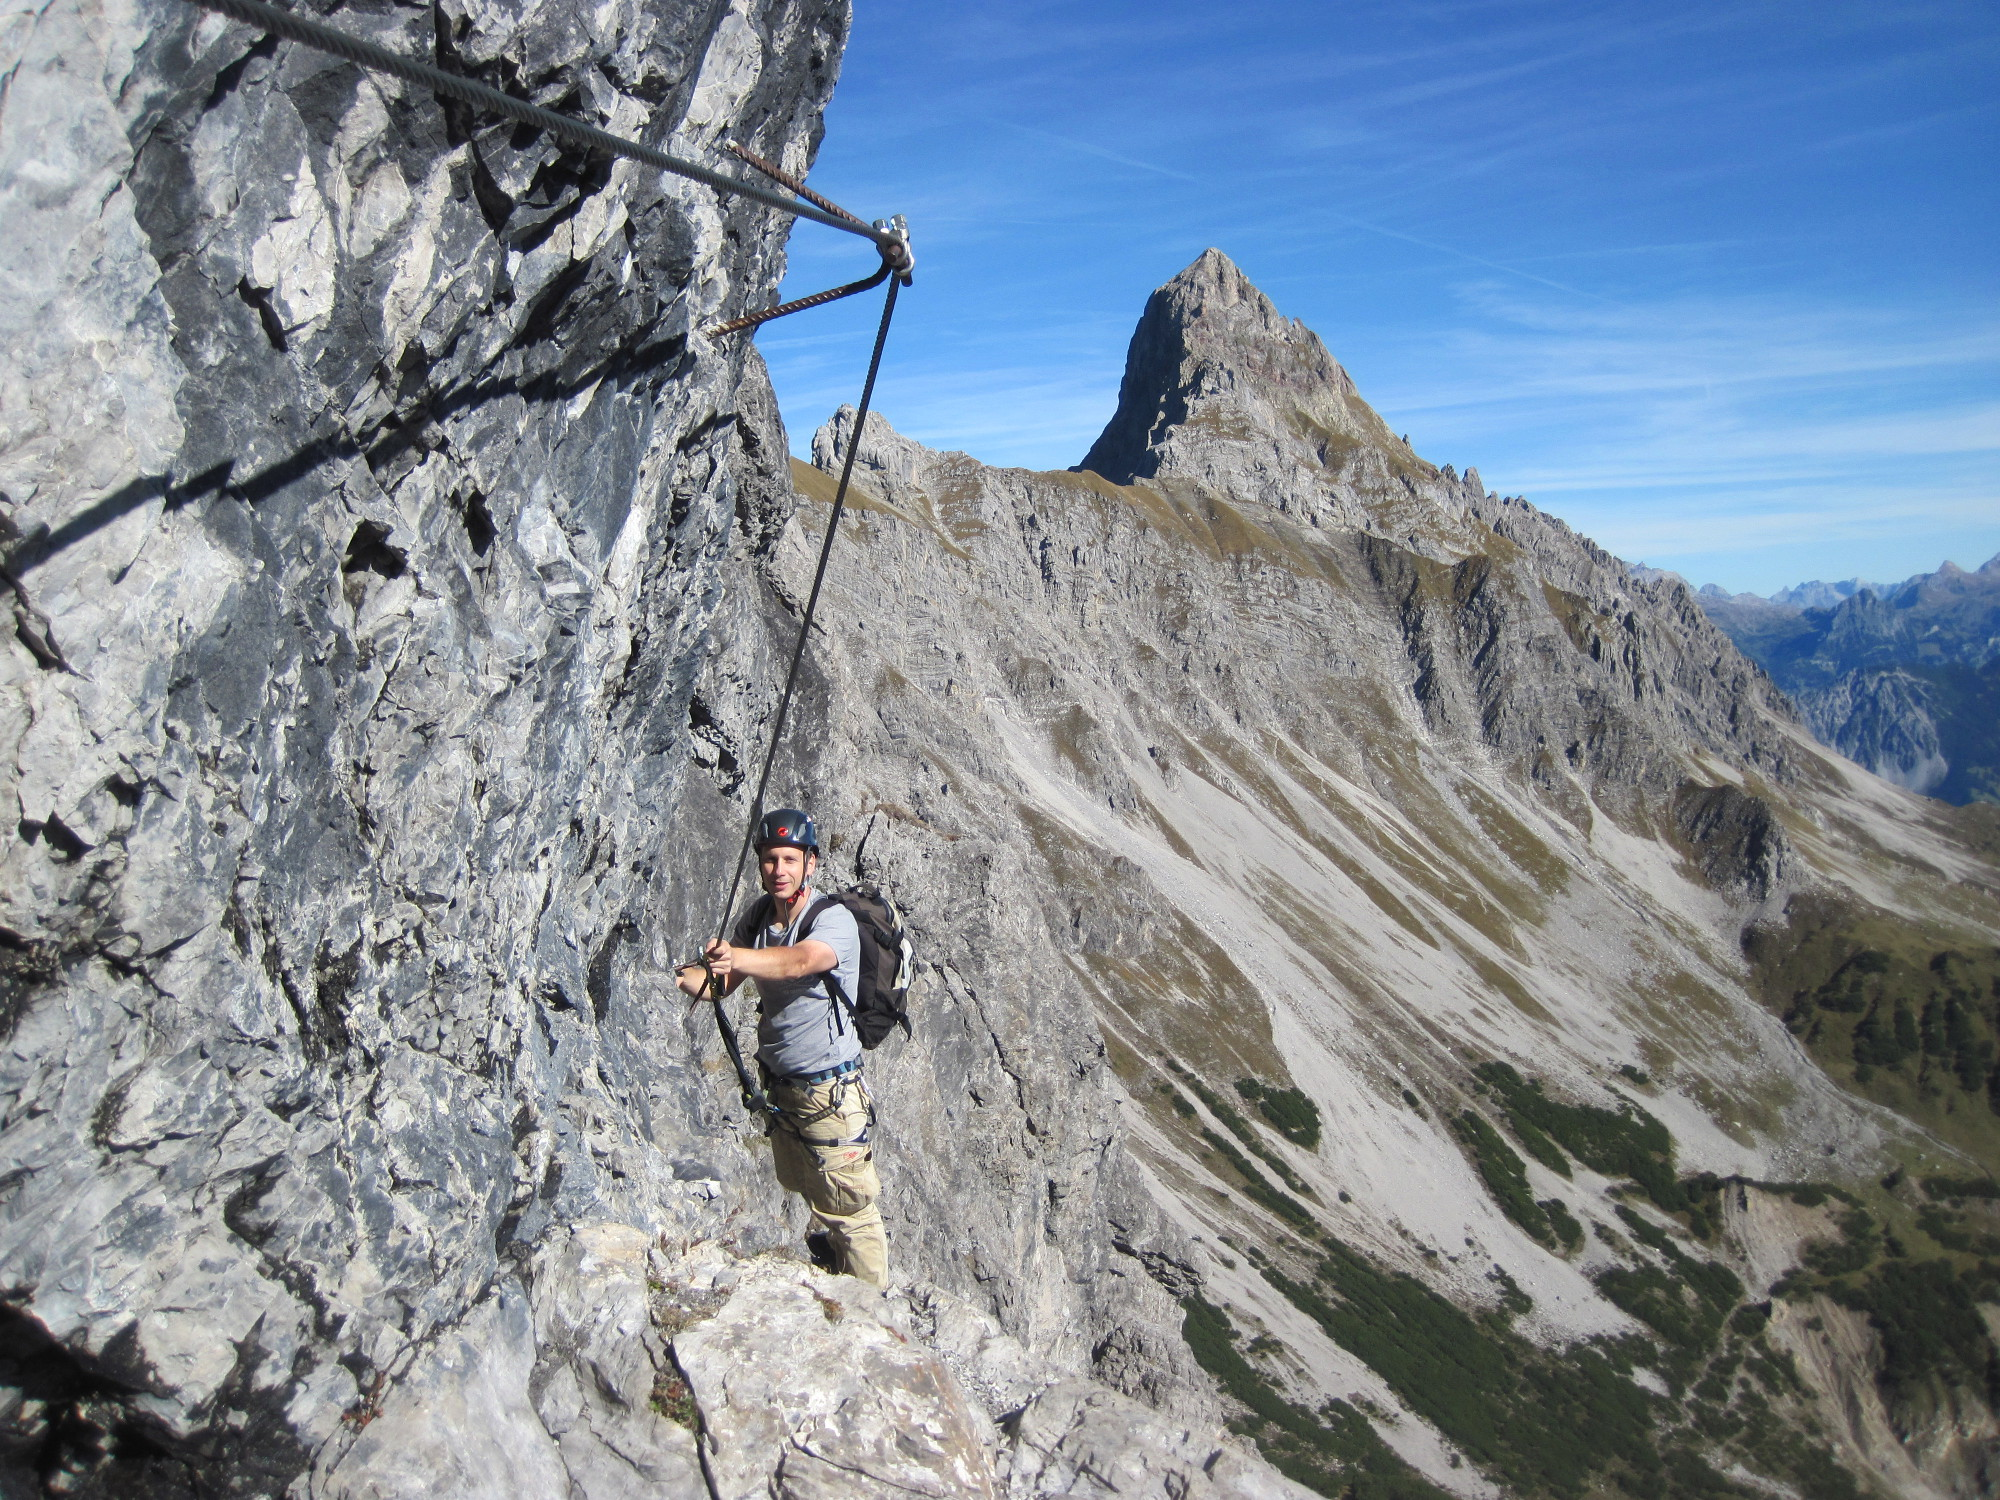 Klettersteig Saulakopf : Saulakopf klettersteig d e u errearra